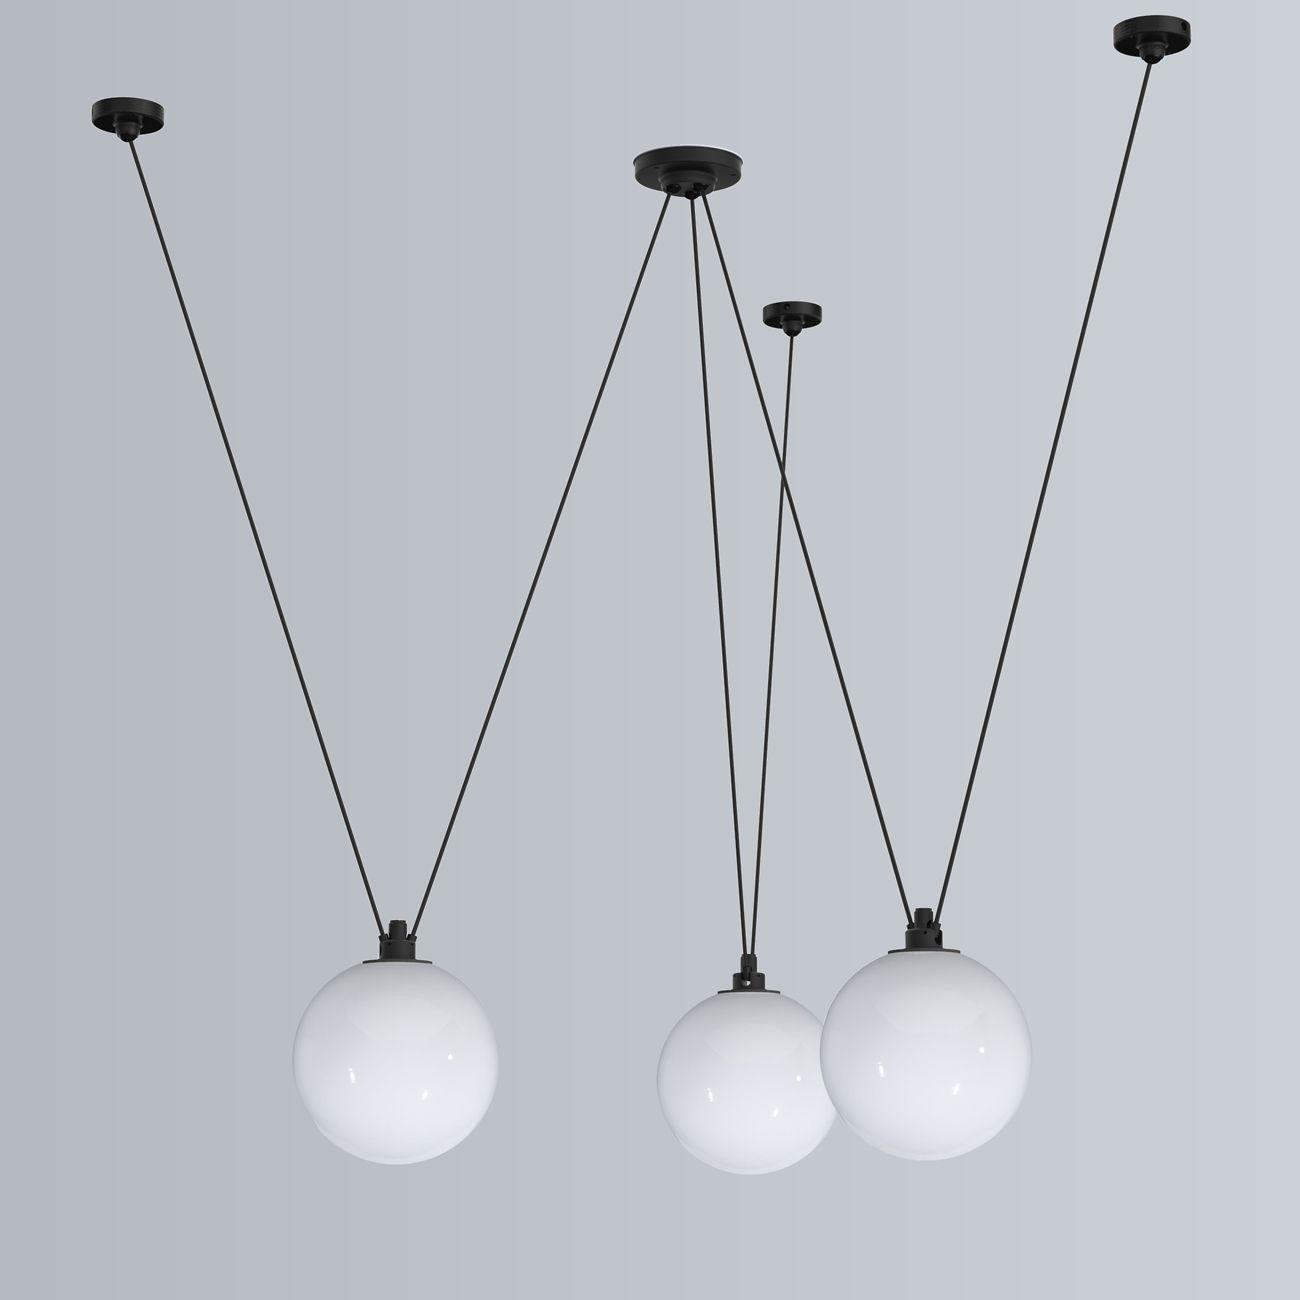 Kugellampen-Gruppe mit flexiblem Trapez-Pendel Acrobates N° 325 von Lampe Gras: Pendelleuchten-Gruppe mit drei 25 cm Glaskugeln: Grafischer Charme, schönes Raumlicht